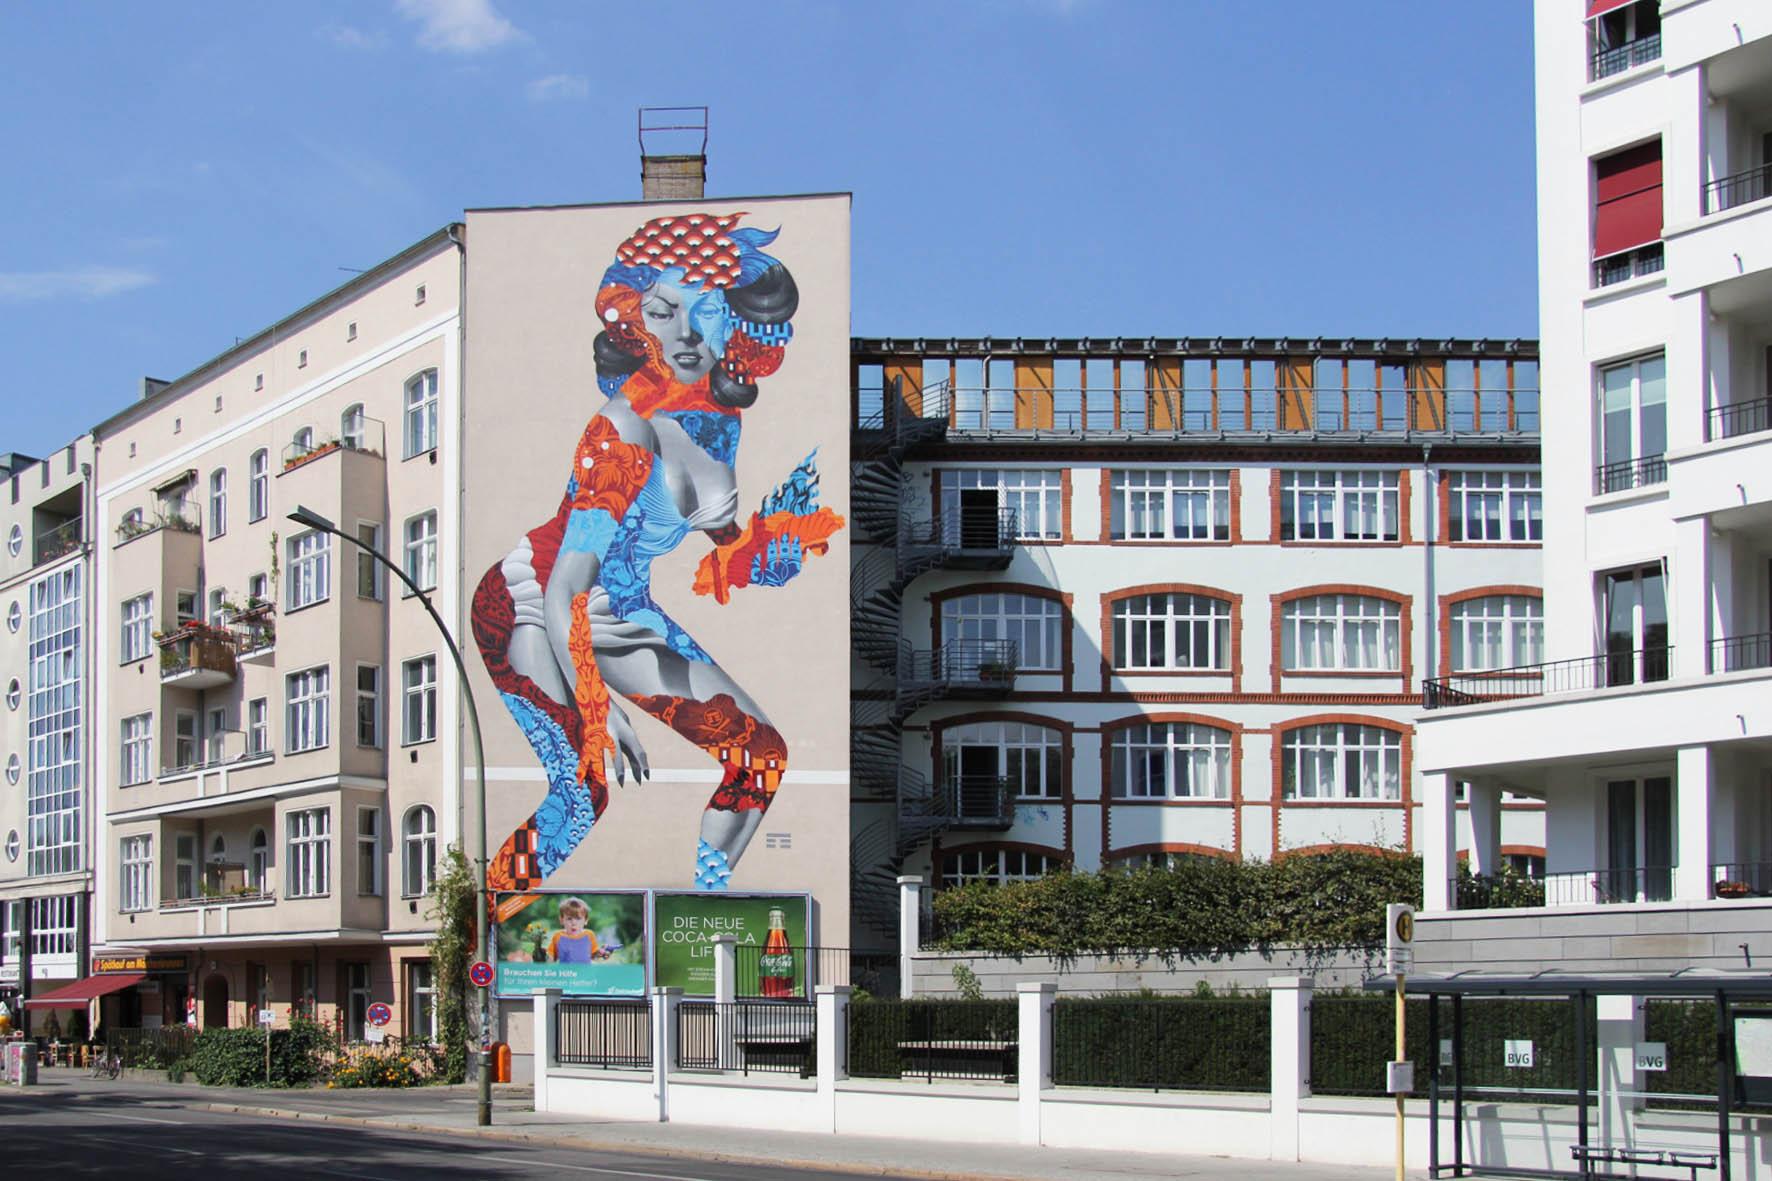 Das Street Art Mural Attack of the 50 Foot Socialite von Tristan Eaton deckt fast die gesamte Seitenansicht eines Gebäudes am Am Friedrichshain 33 in Berlin ab